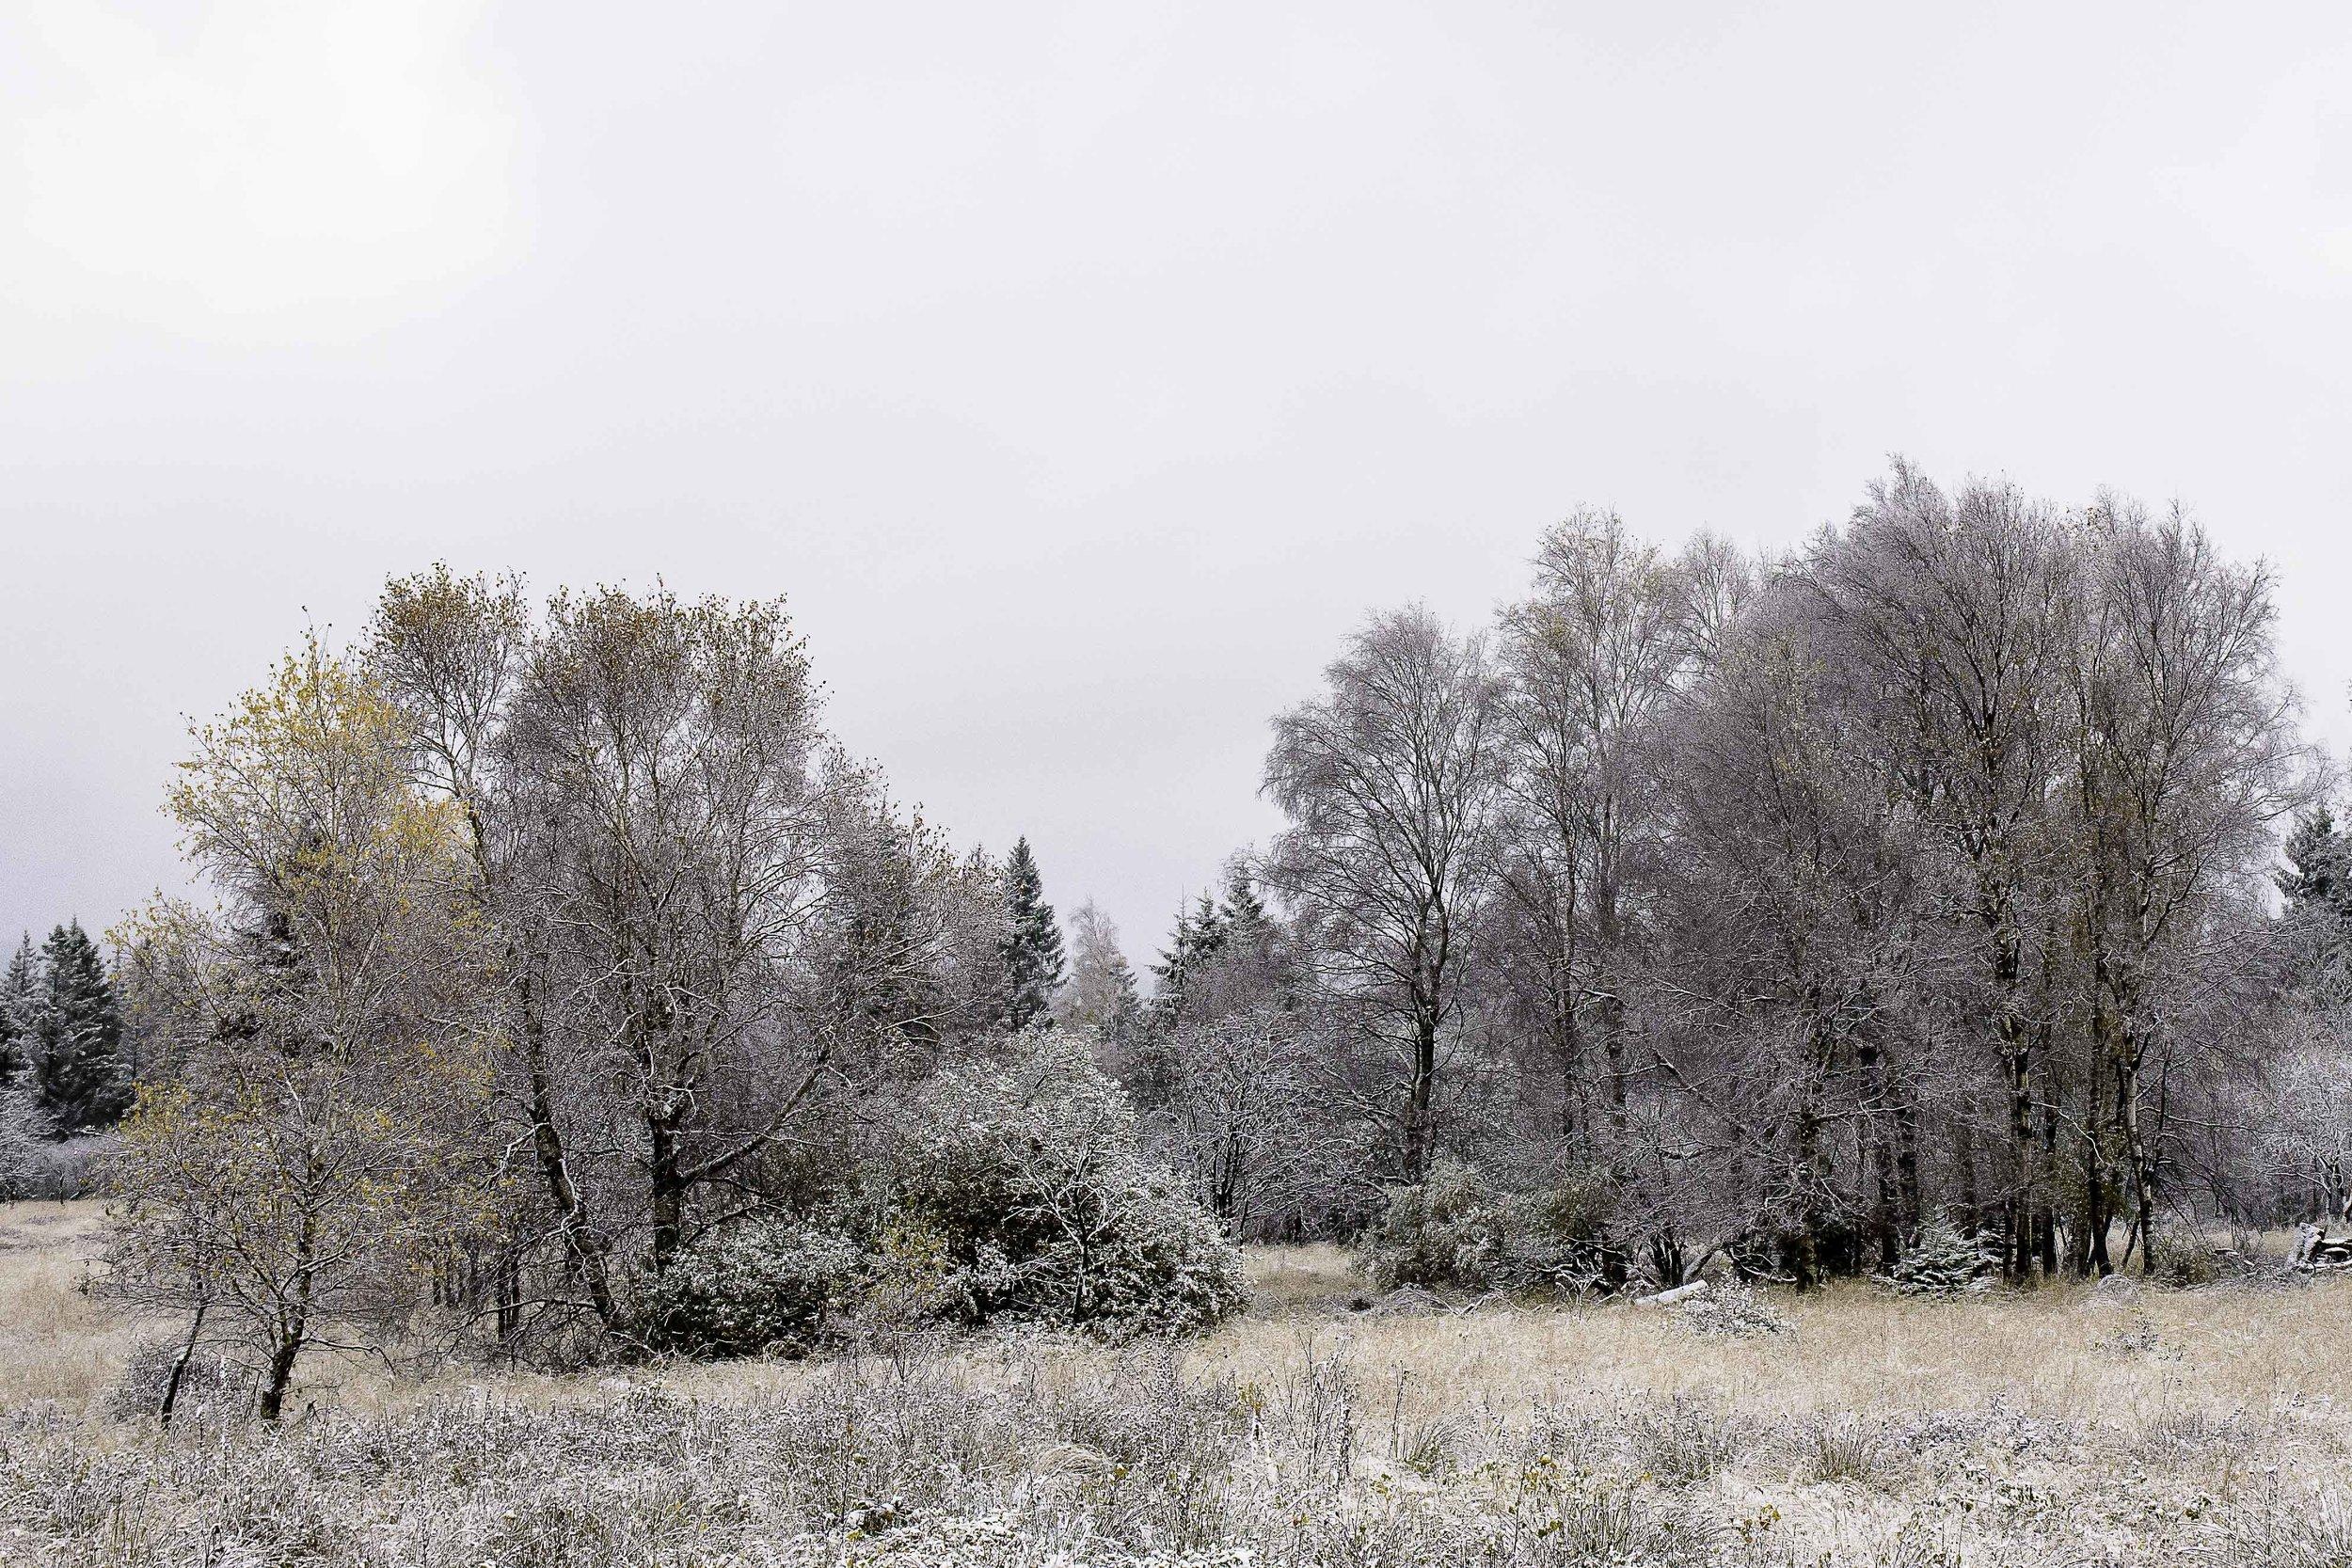 viewfinder-sneeuwlandschap-fotograferen-juiste-belichting